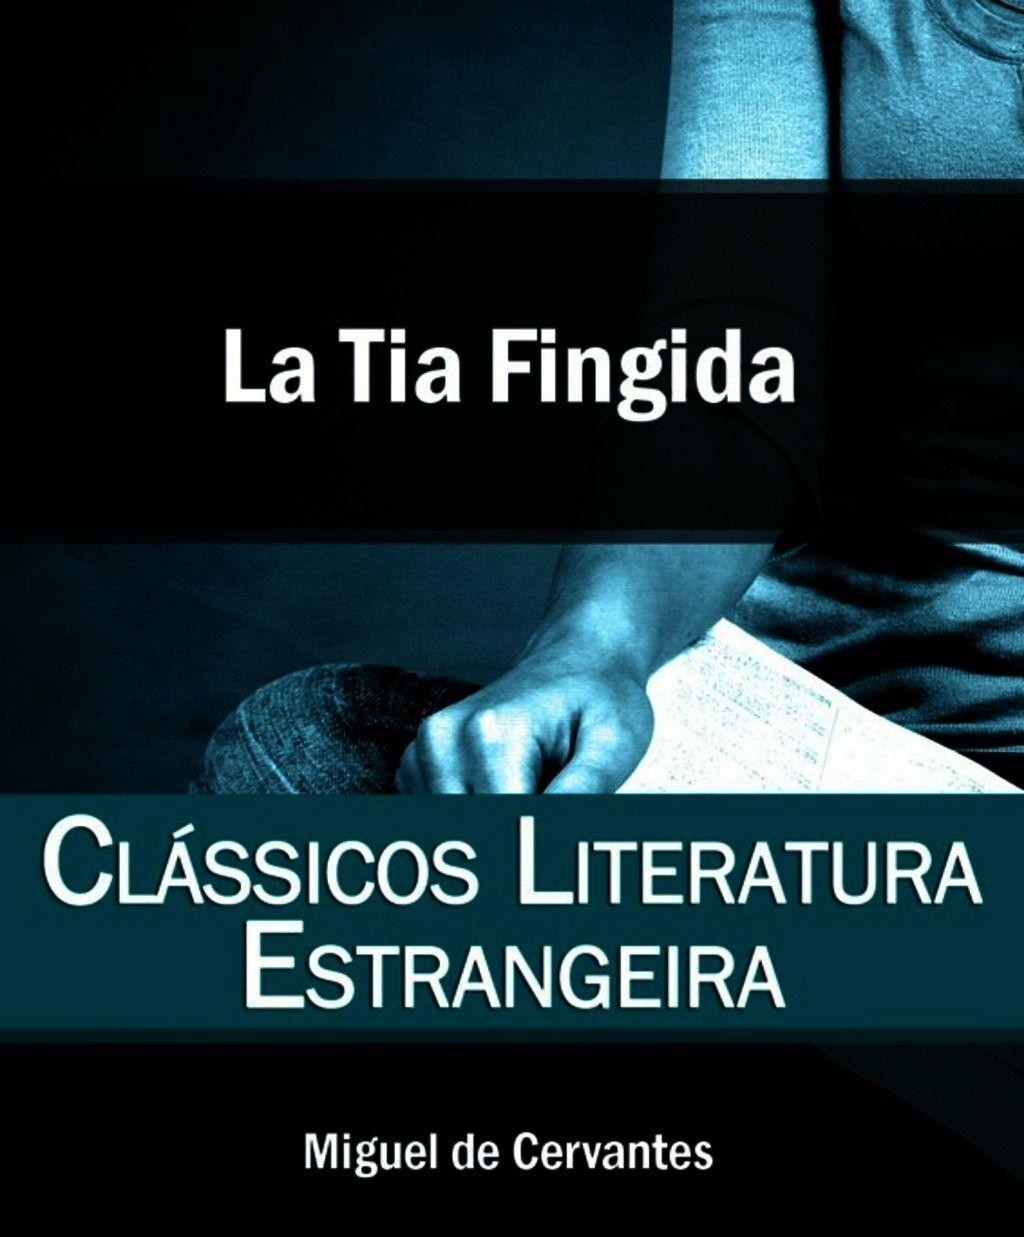 La Tia Fingida